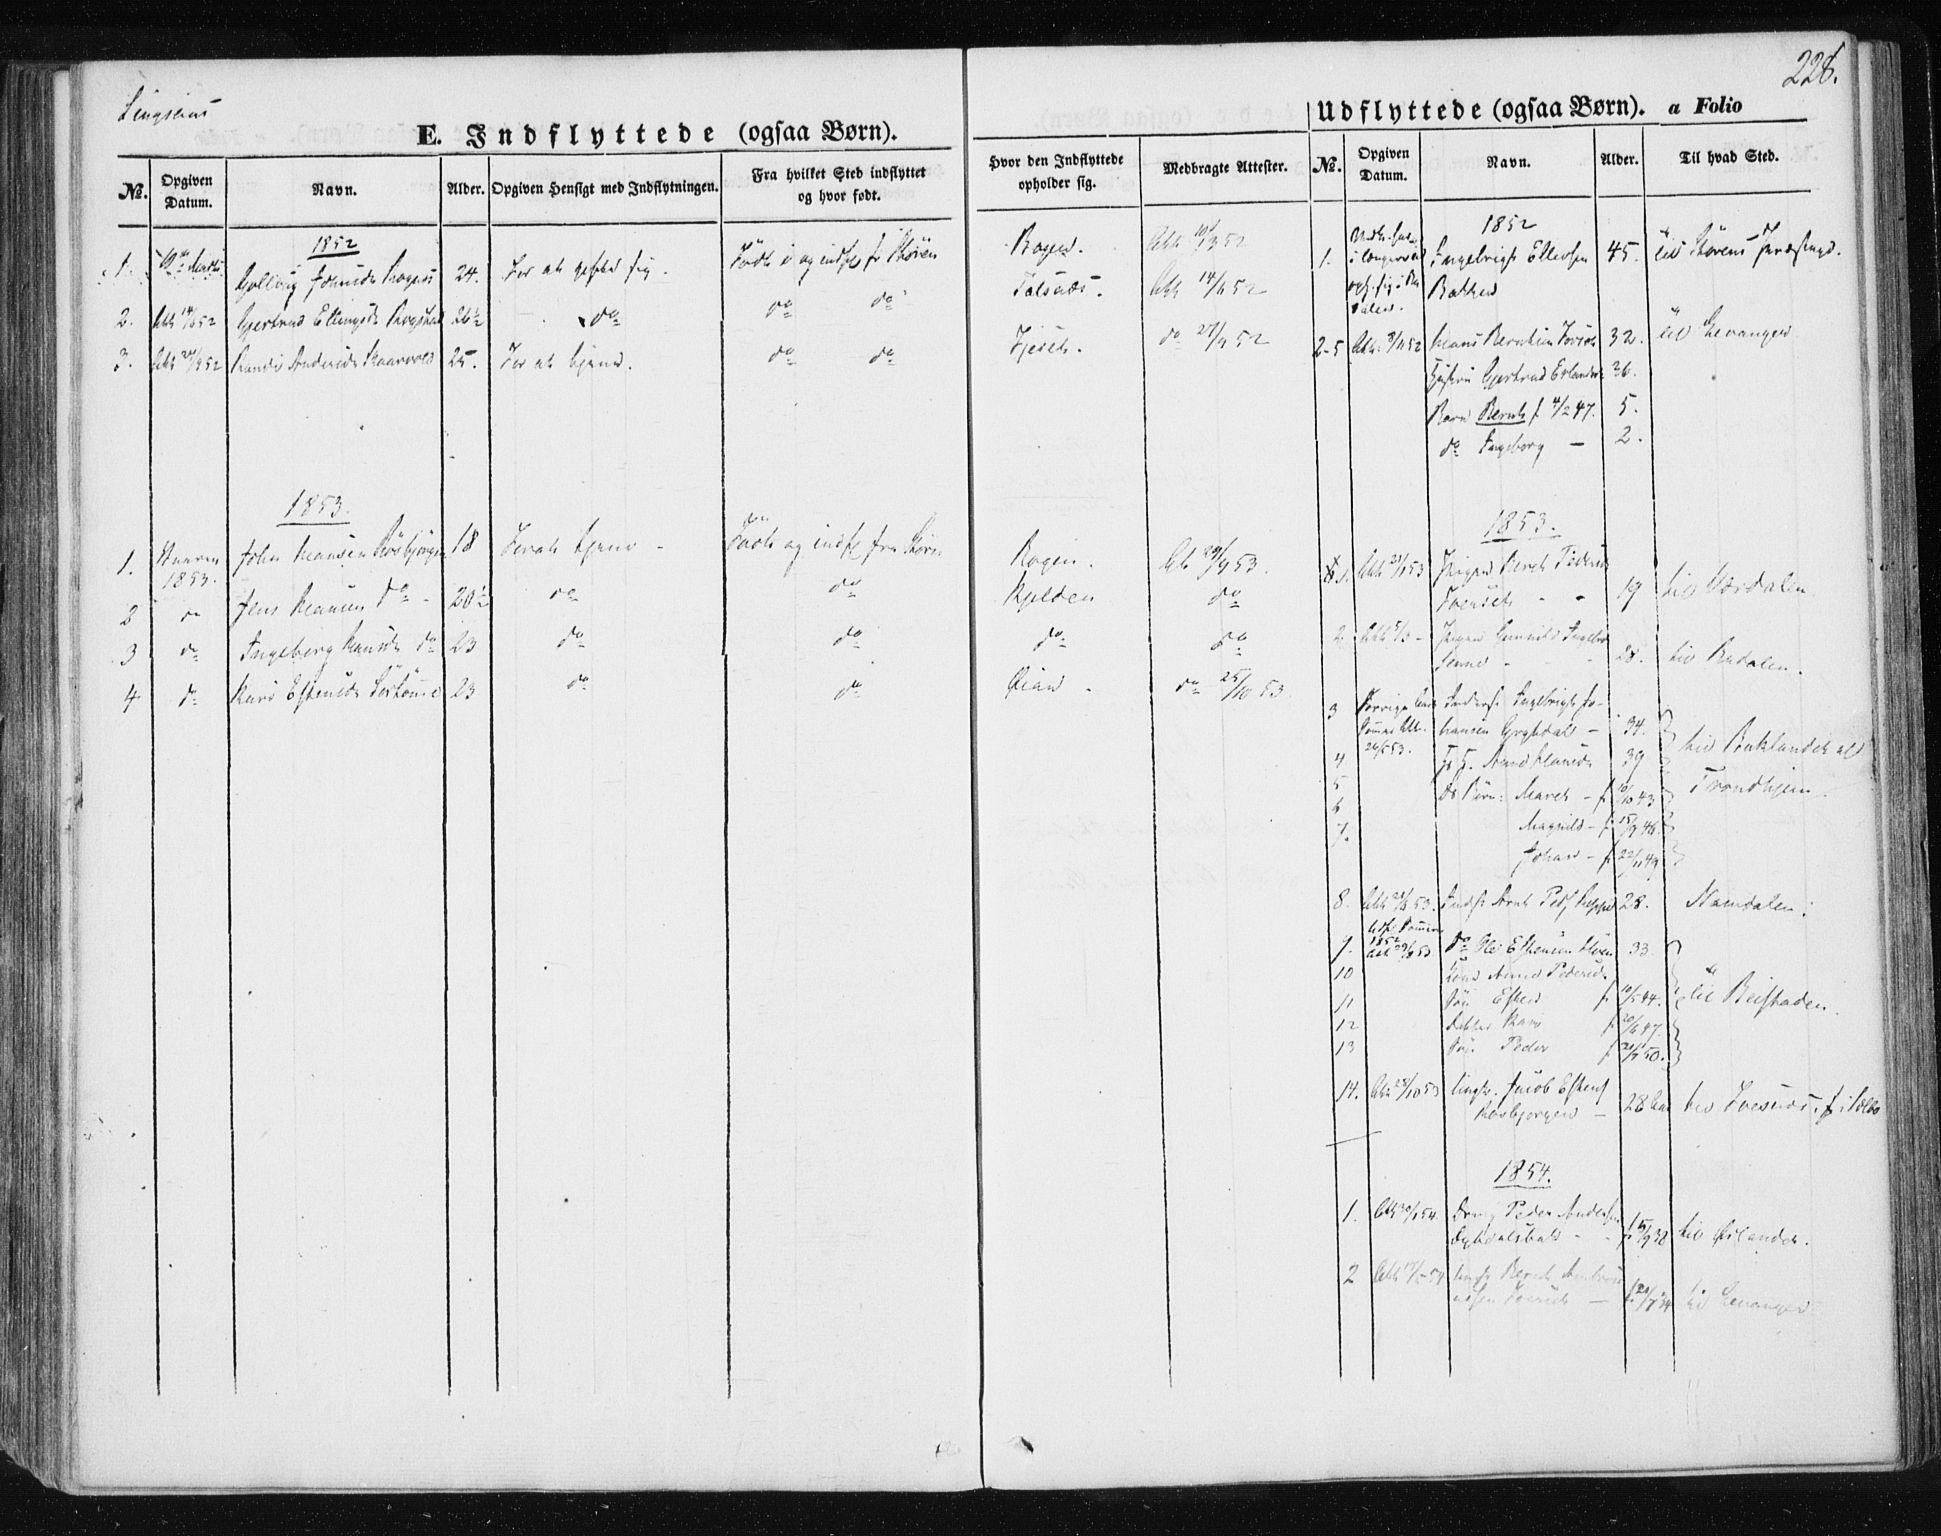 SAT, Ministerialprotokoller, klokkerbøker og fødselsregistre - Sør-Trøndelag, 685/L0964: Ministerialbok nr. 685A06 /2, 1846-1859, s. 228